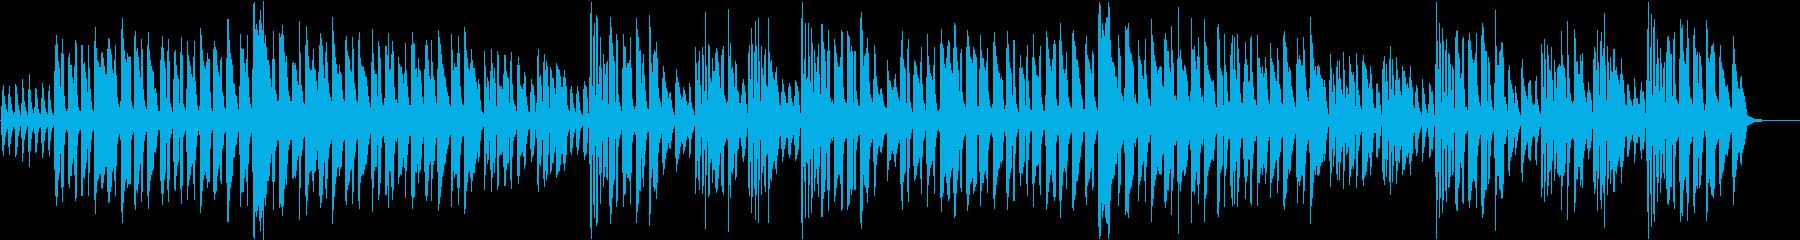 異世界の村をイメージさせる民族音楽の再生済みの波形